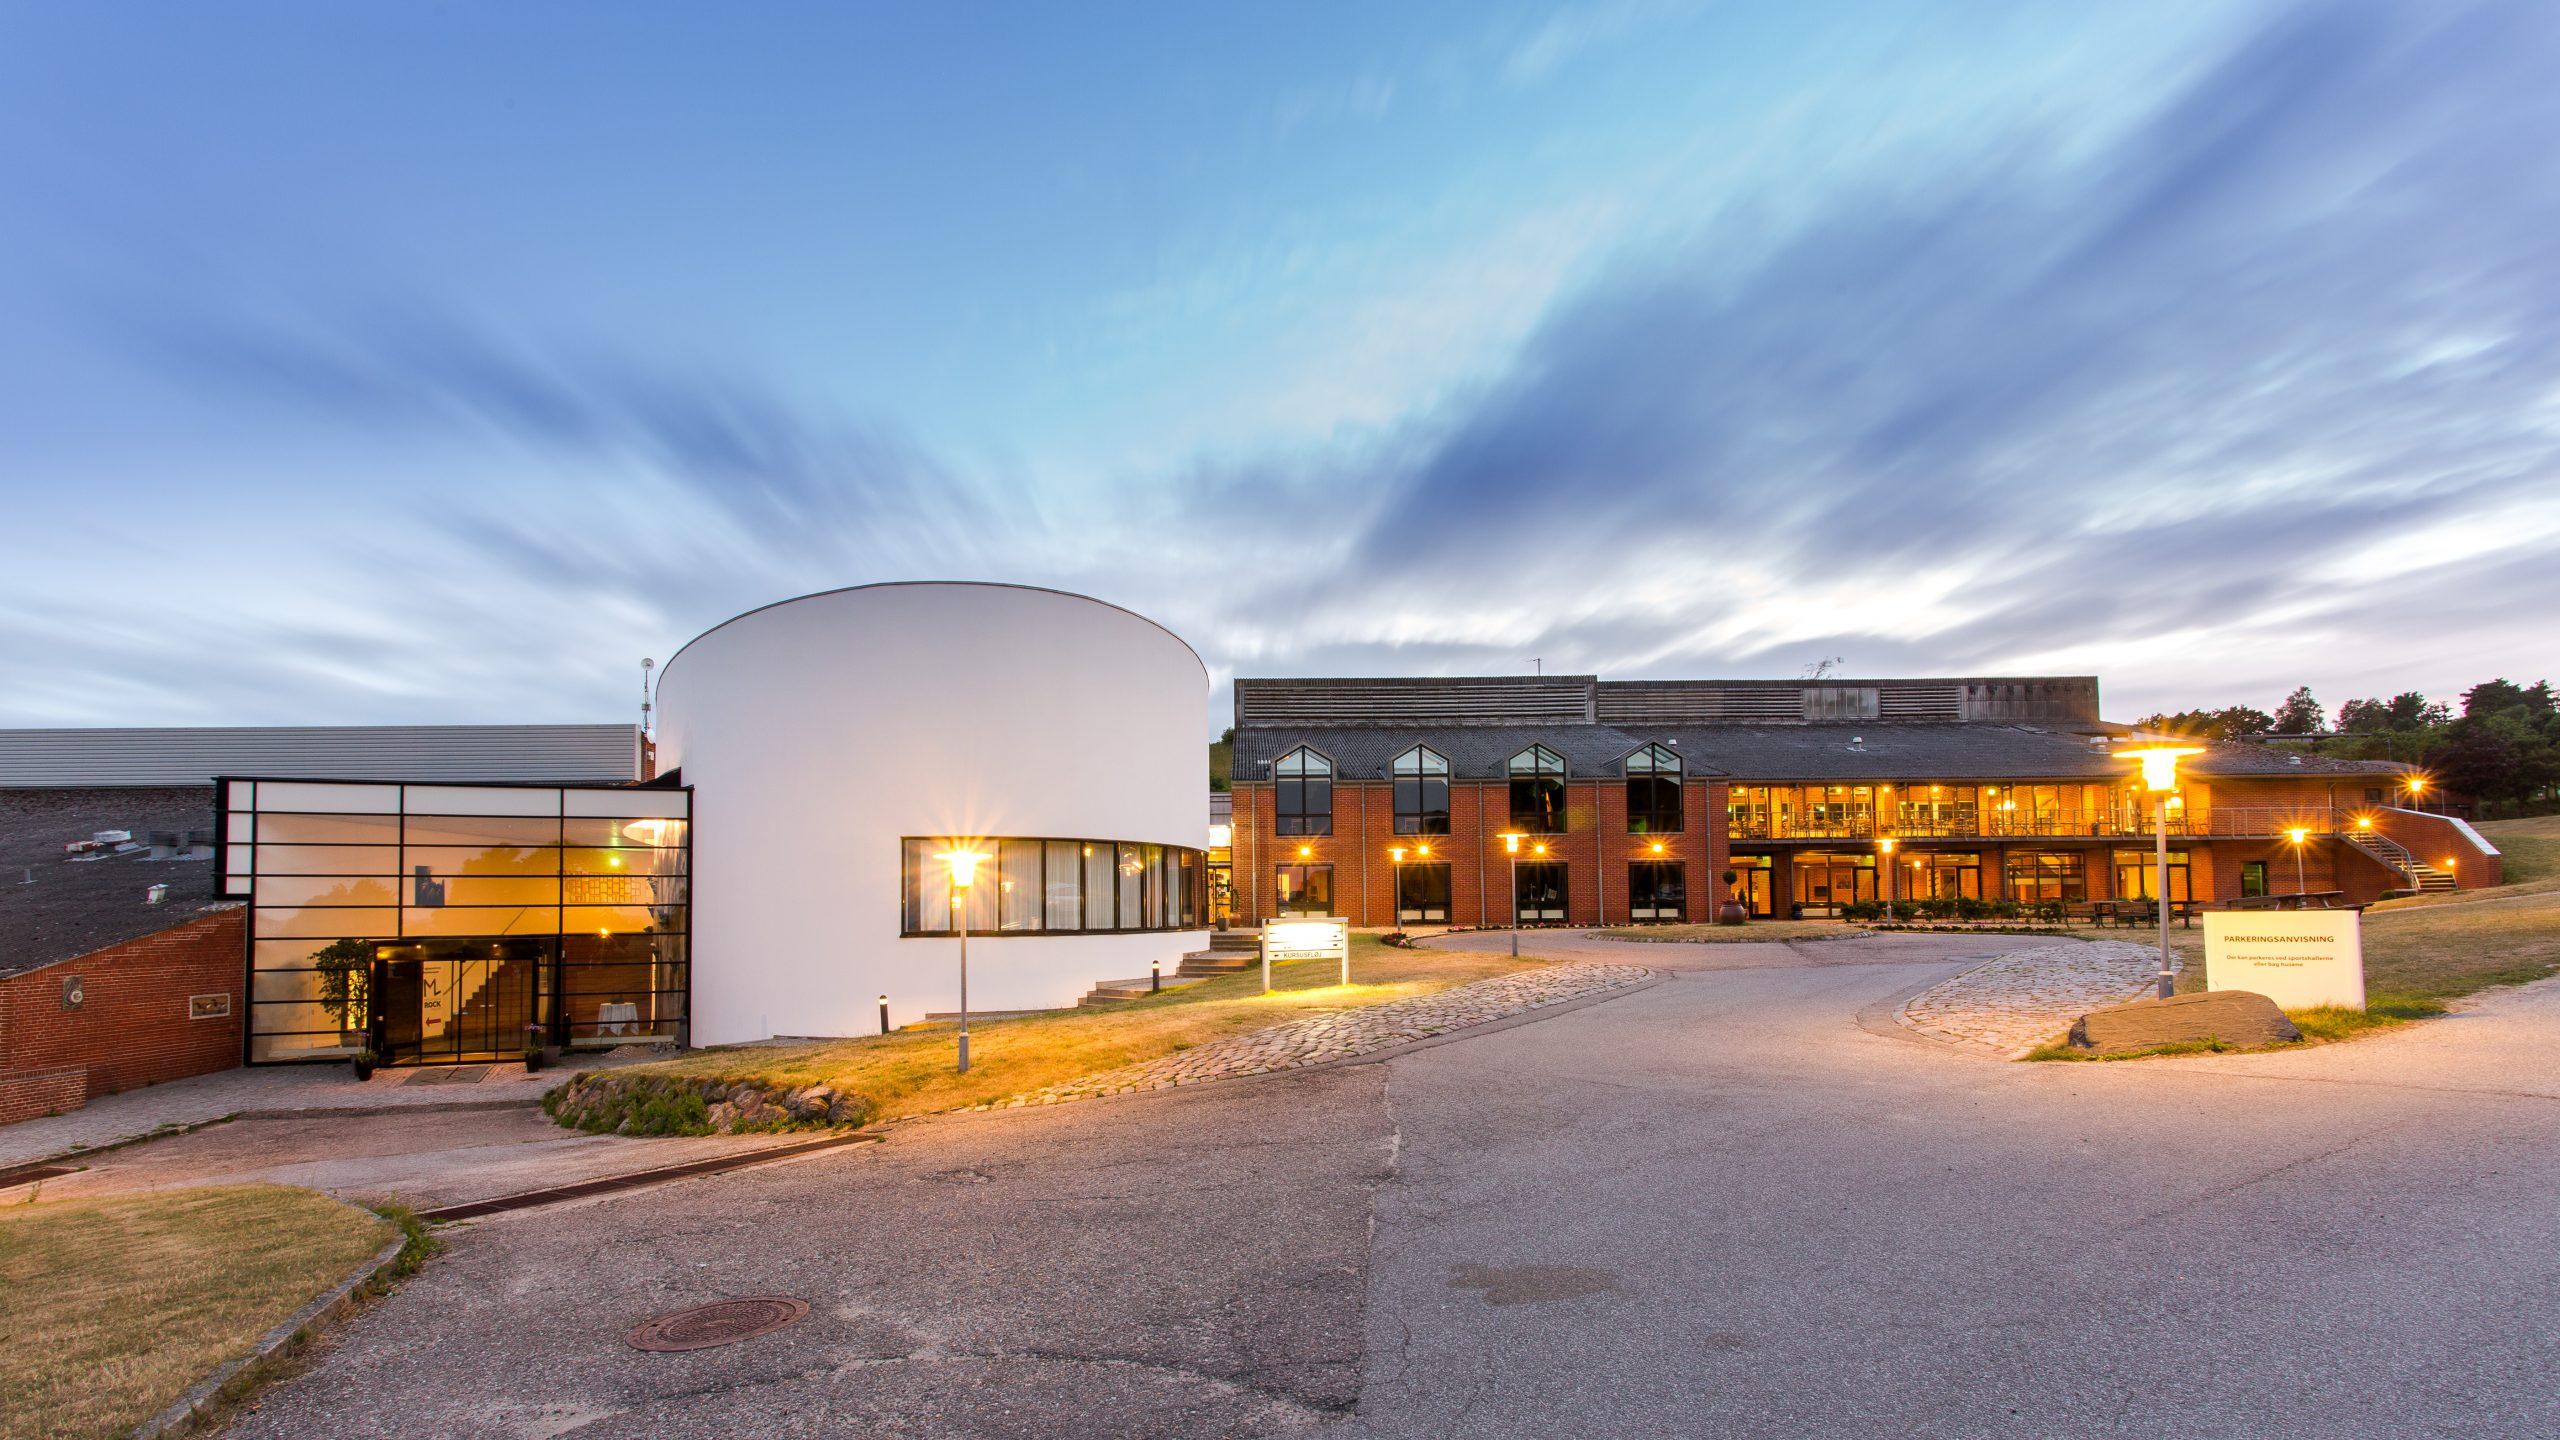 Hotel Fuglsøcentret har i snart ti år udviklet en position som Danmarks førende koncerthotel. Arkivpressefoto fra Fuglsøcentret.